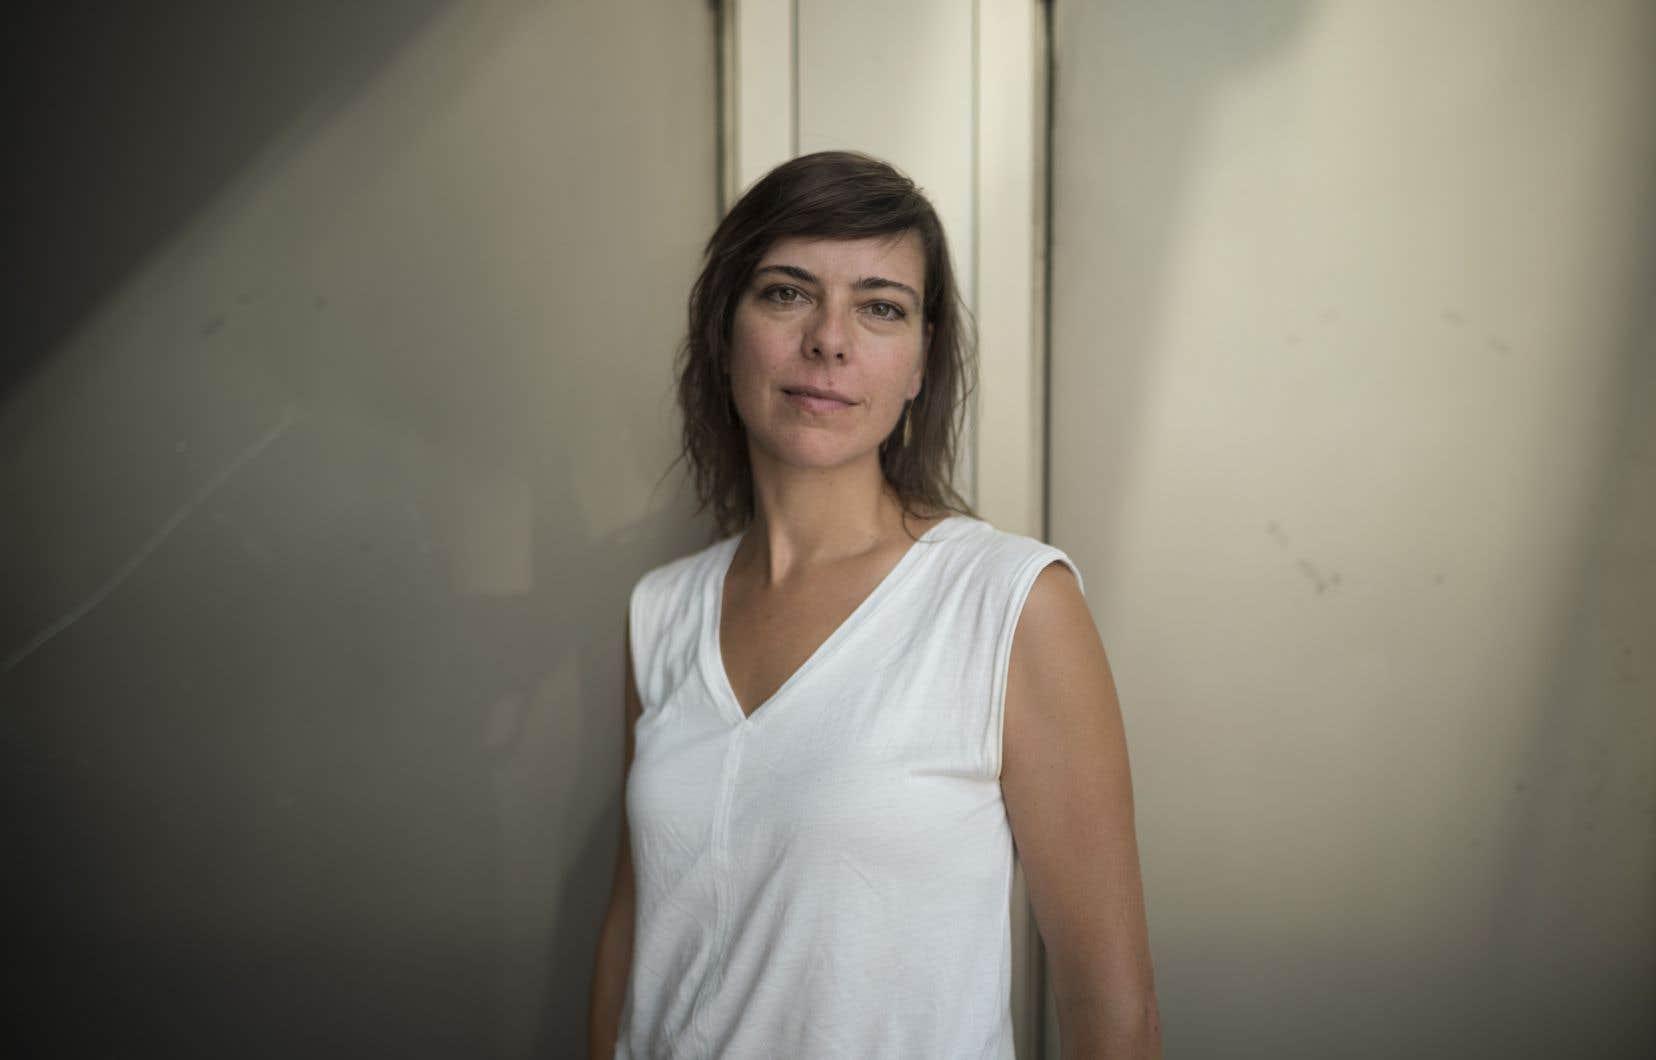 Rejointe au téléphone à sa rentrée au bercail montréalais. Sophie Deraspe s'avouait ravie: «Ça va créer une attente pour mon film qui sort au Québec le 8novembre», disait-elle.